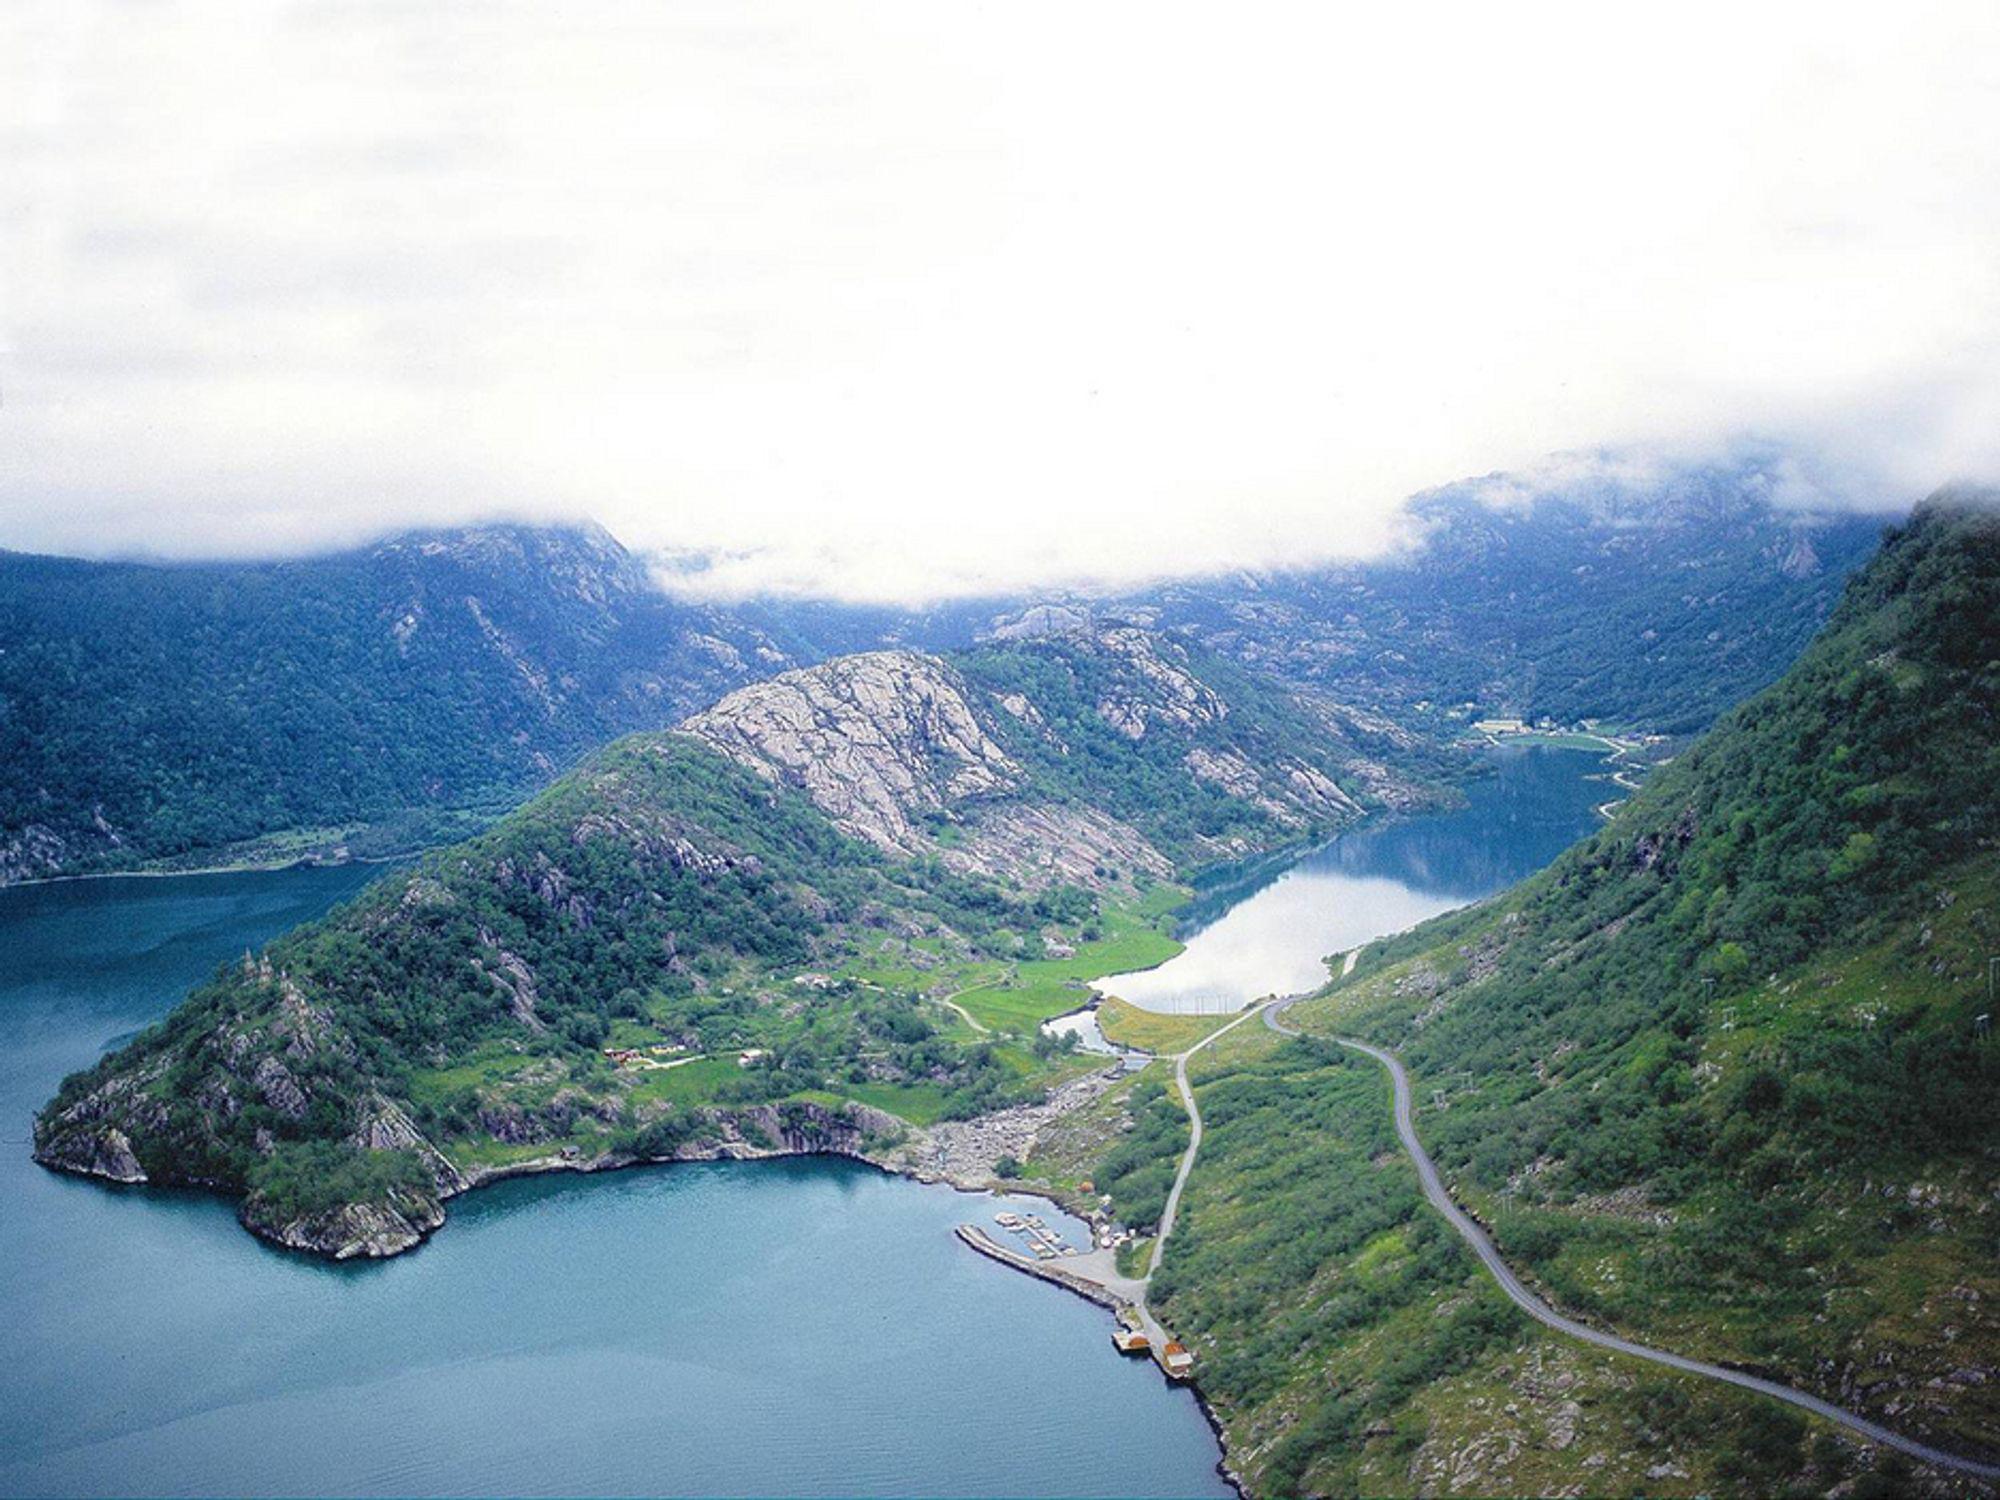 Blåfalli Vik ligger inne i fjellet til høyre for tippen i fjorden. Dette er en del av en større utbygging som er planlagt i Blådalsvassdraget.